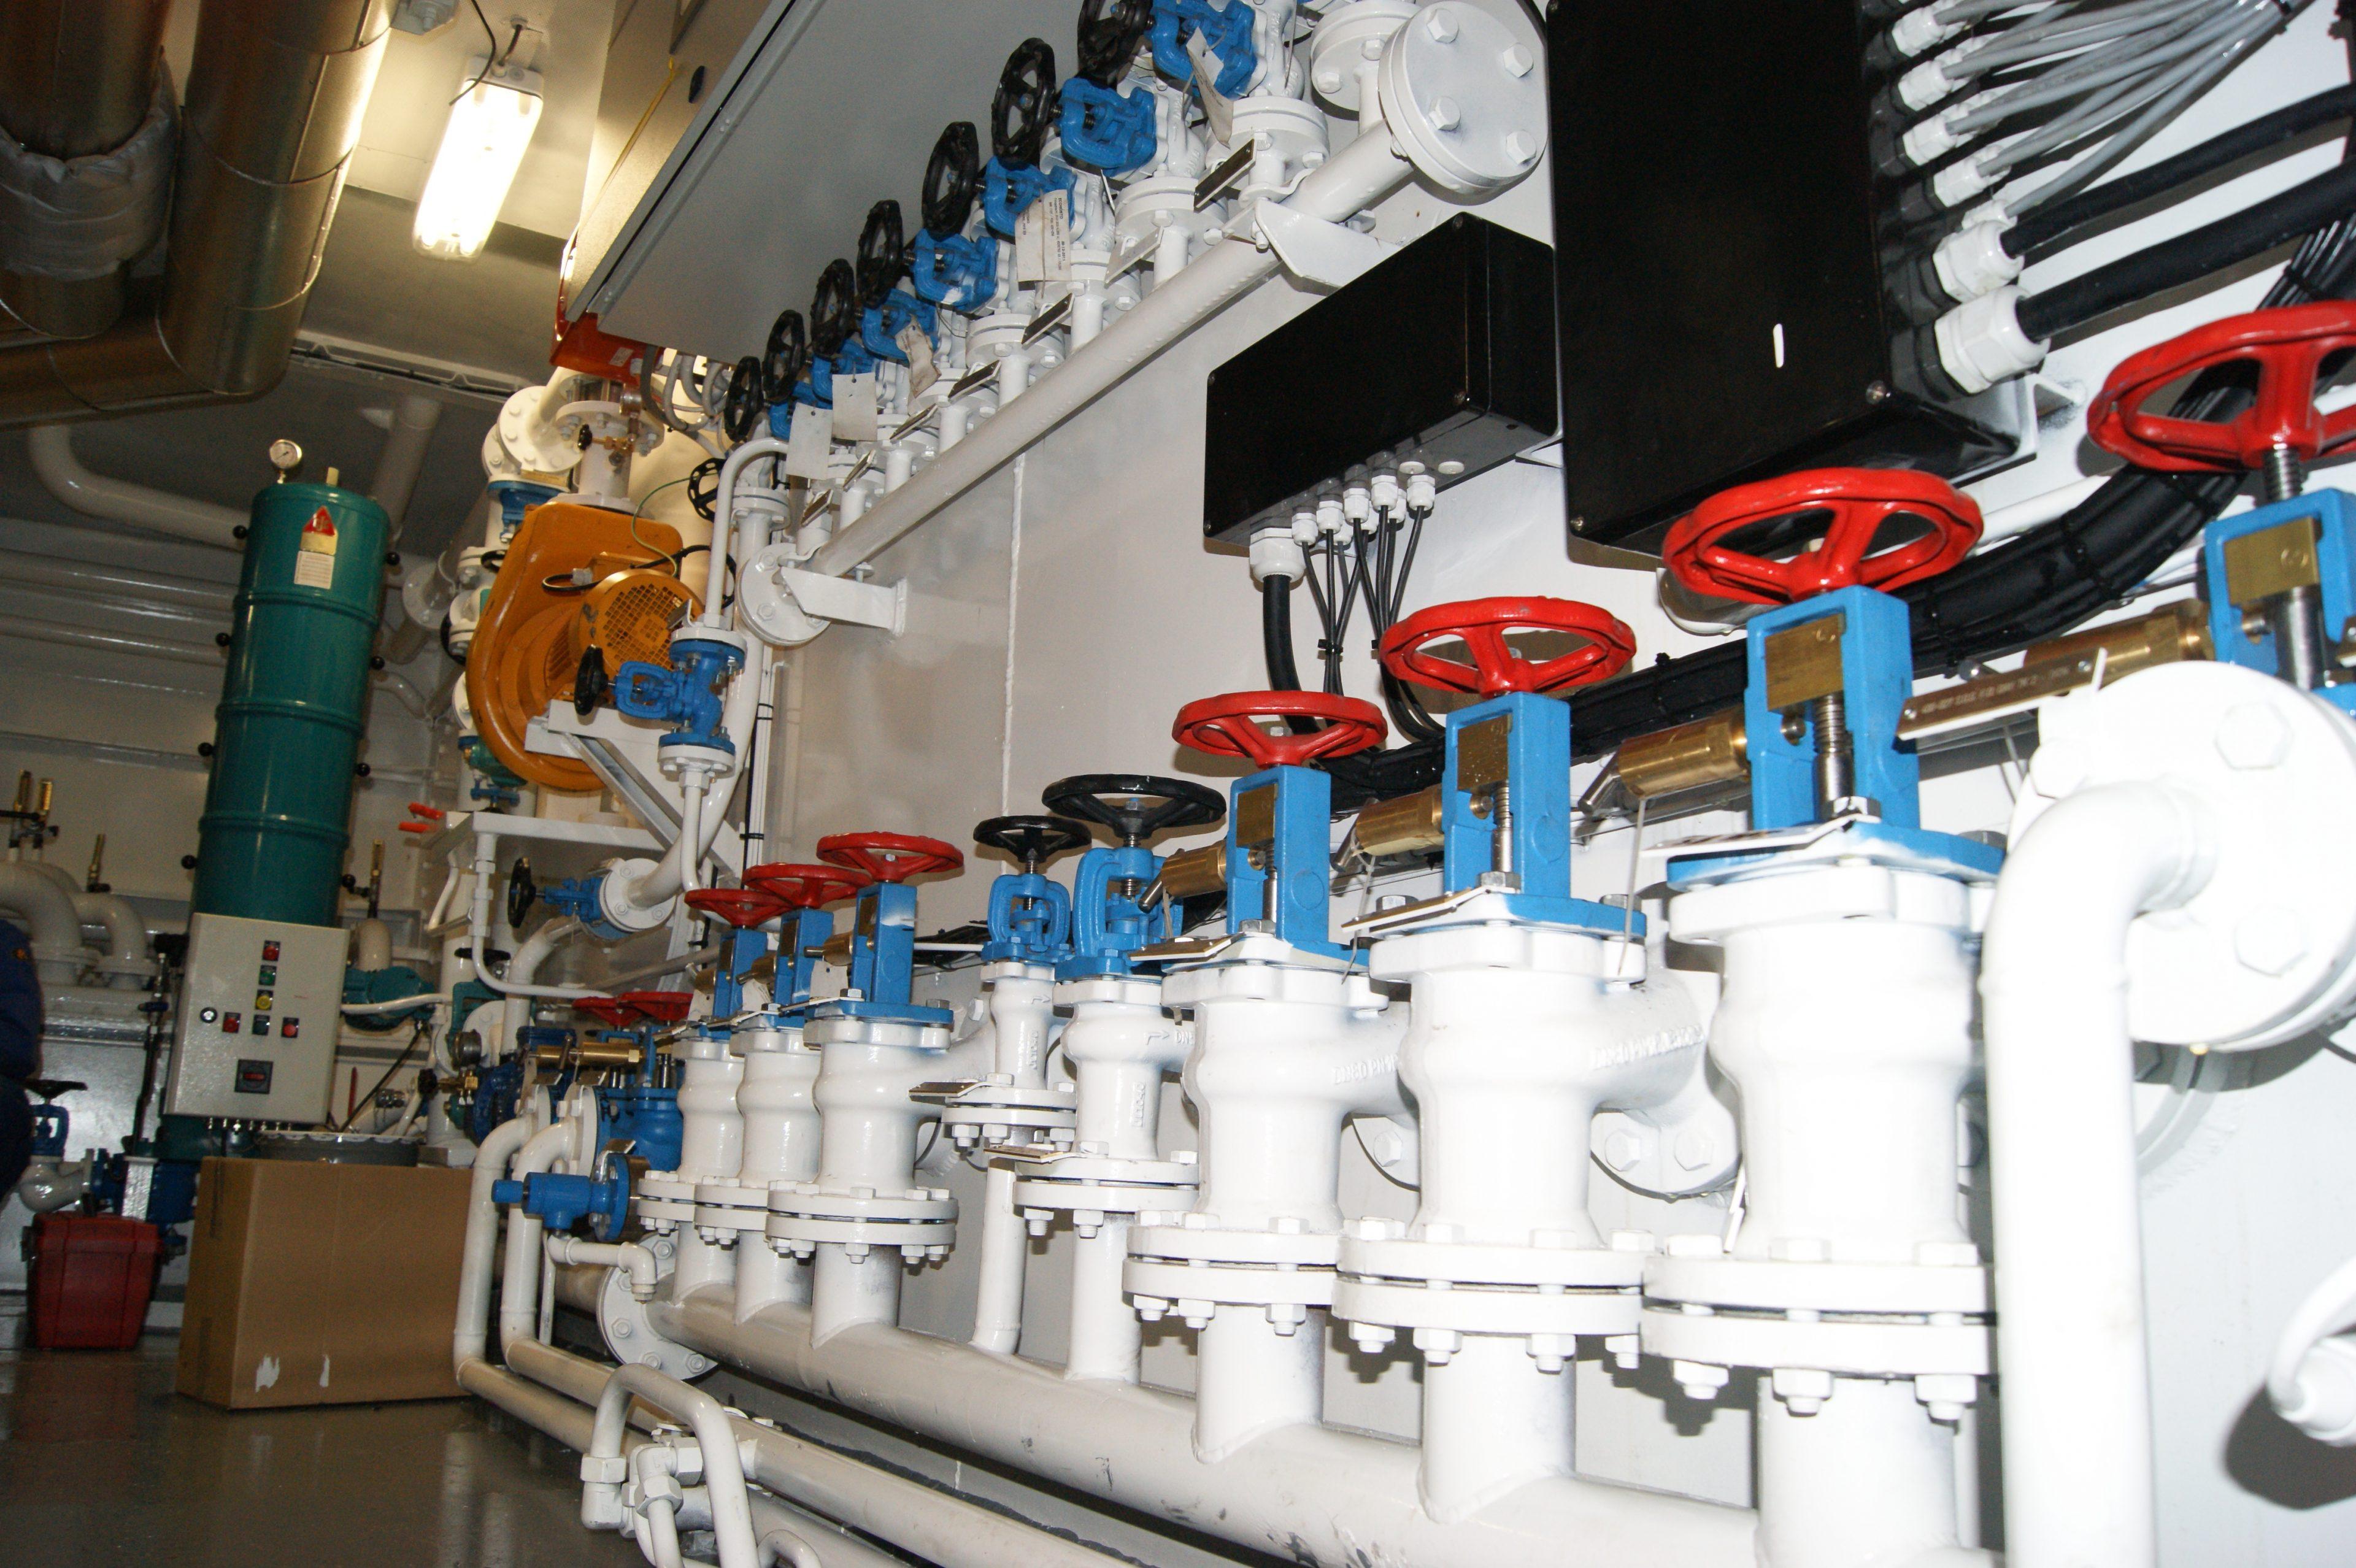 Machinekamer van het schip de Coastal Challenger